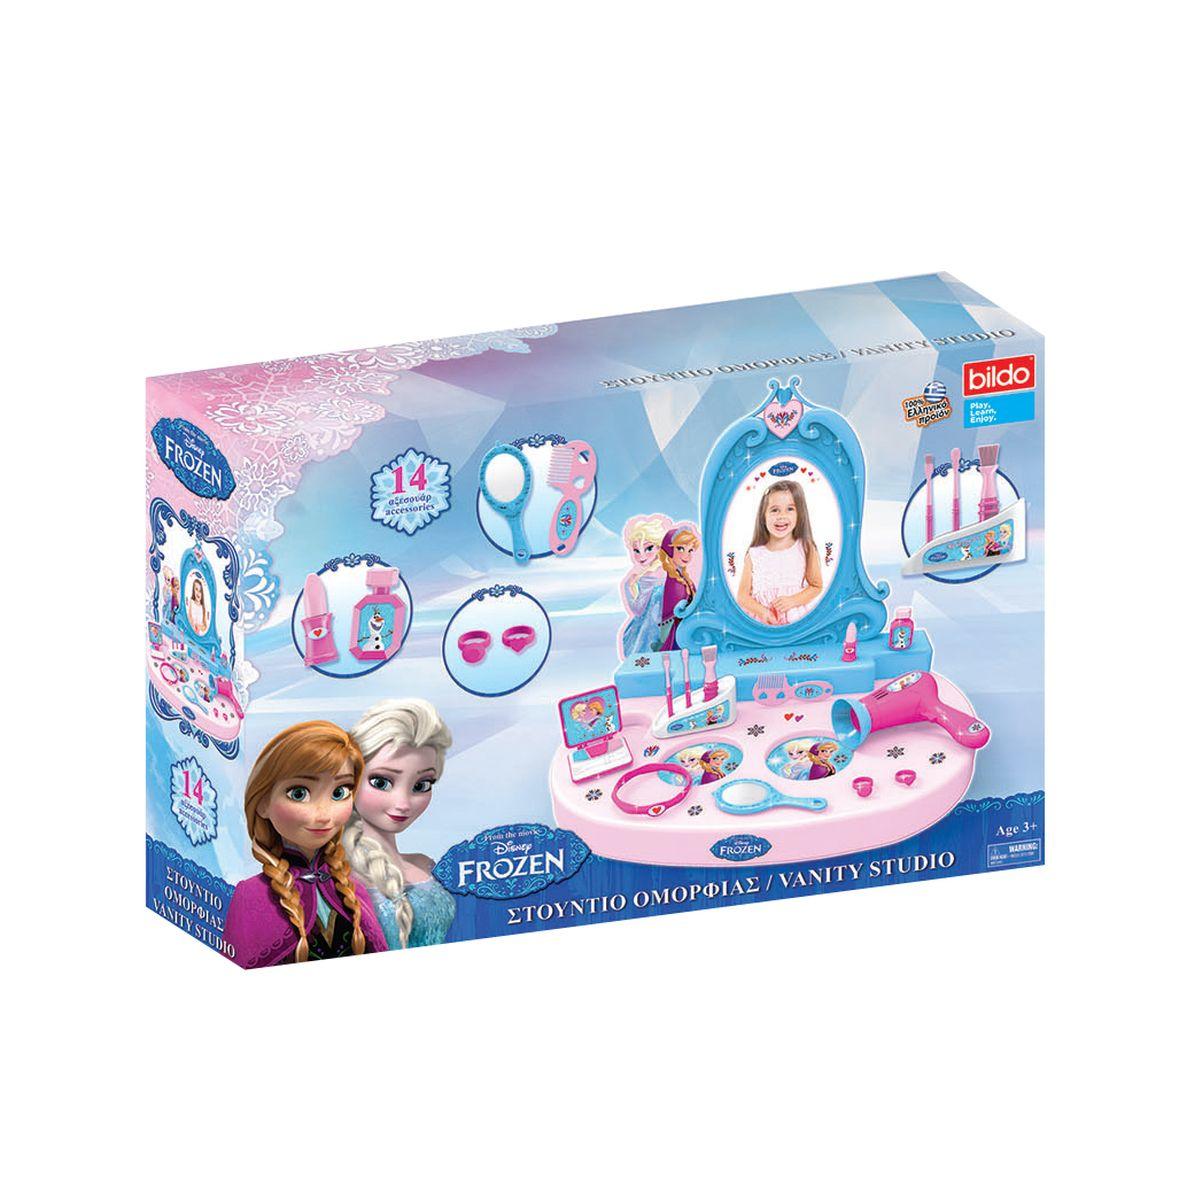 Bildo Игровой набор Парикмахерская Холодное сердце 14 предметов аксессуары для кукол boley игрушка boley корона серия холодное сердце